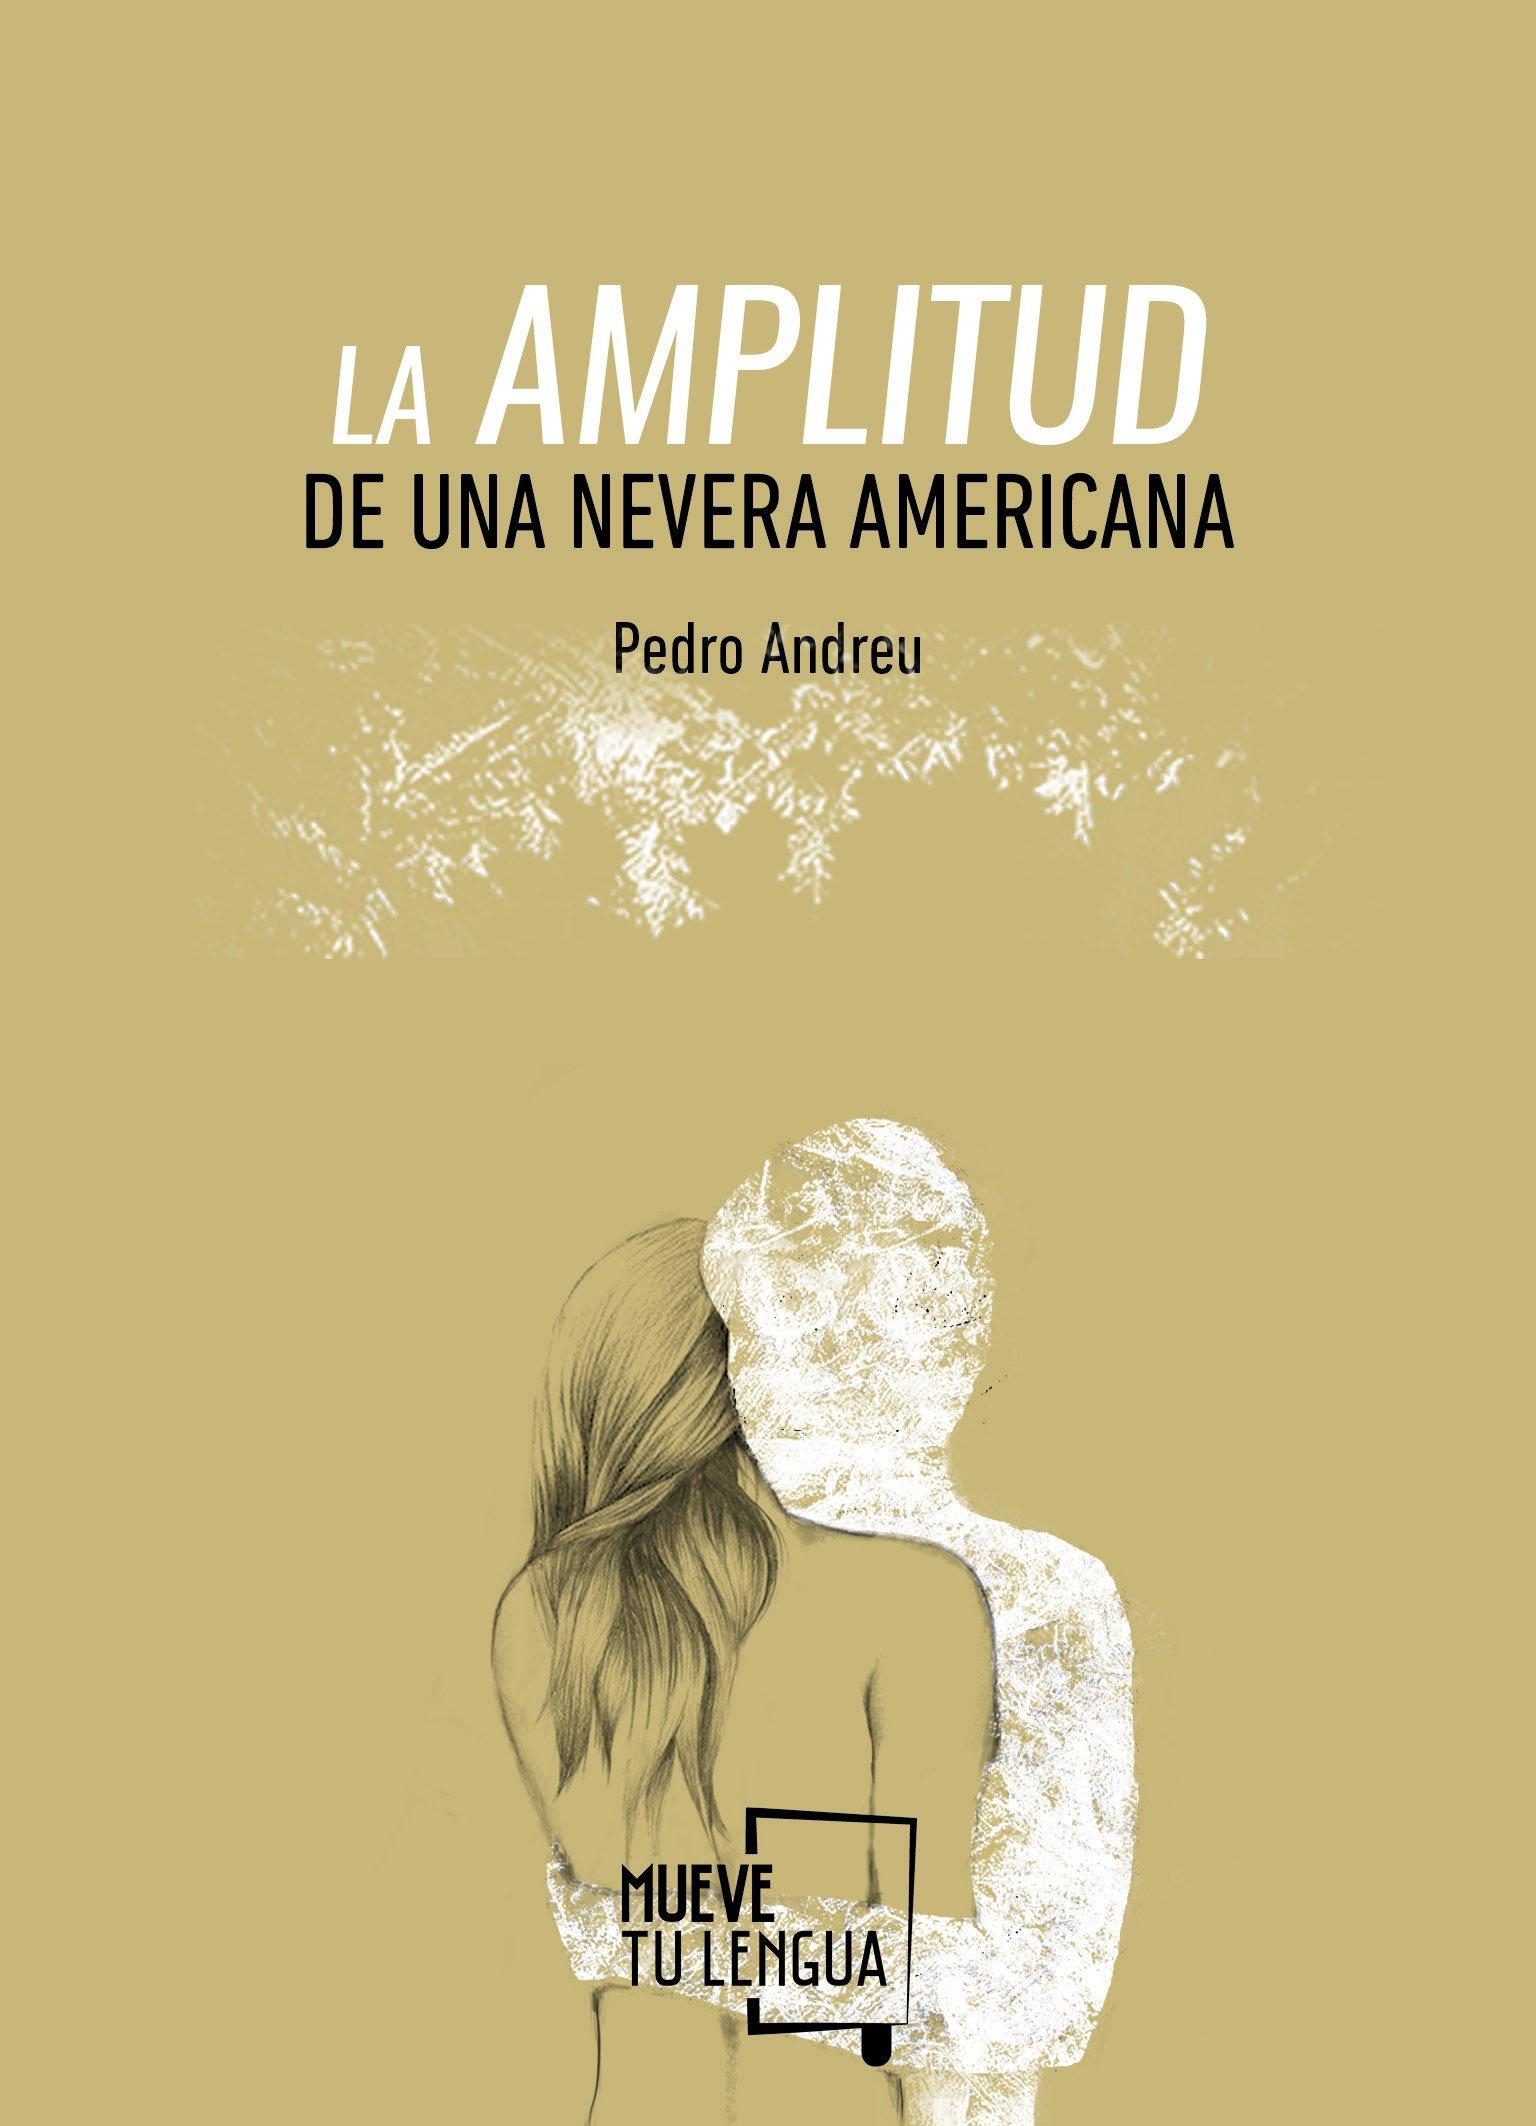 LA AMPLITUD DE UNA NEVERA AMERICANA (Poesía): Amazon.es: Pedro ...